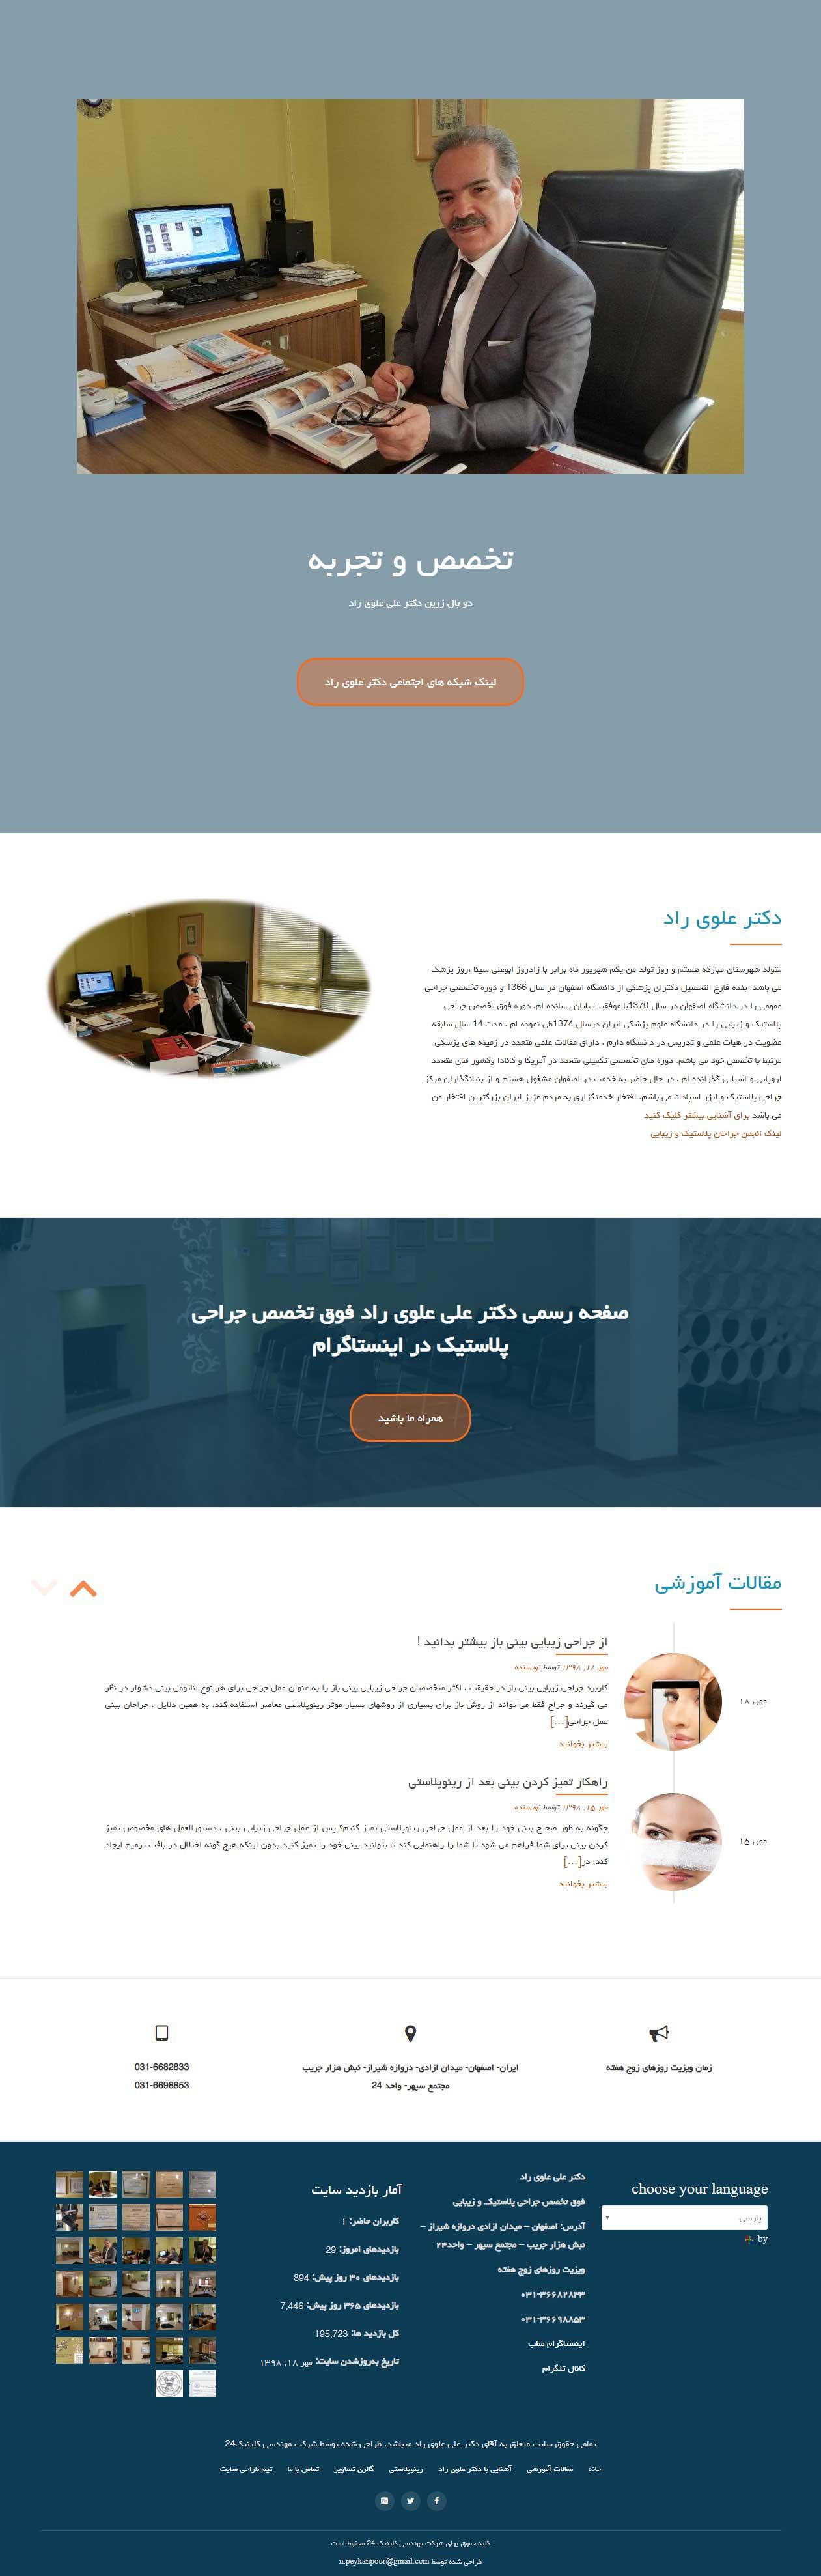 طراحی وب سایت پزشکی دکتر علی علوی راد